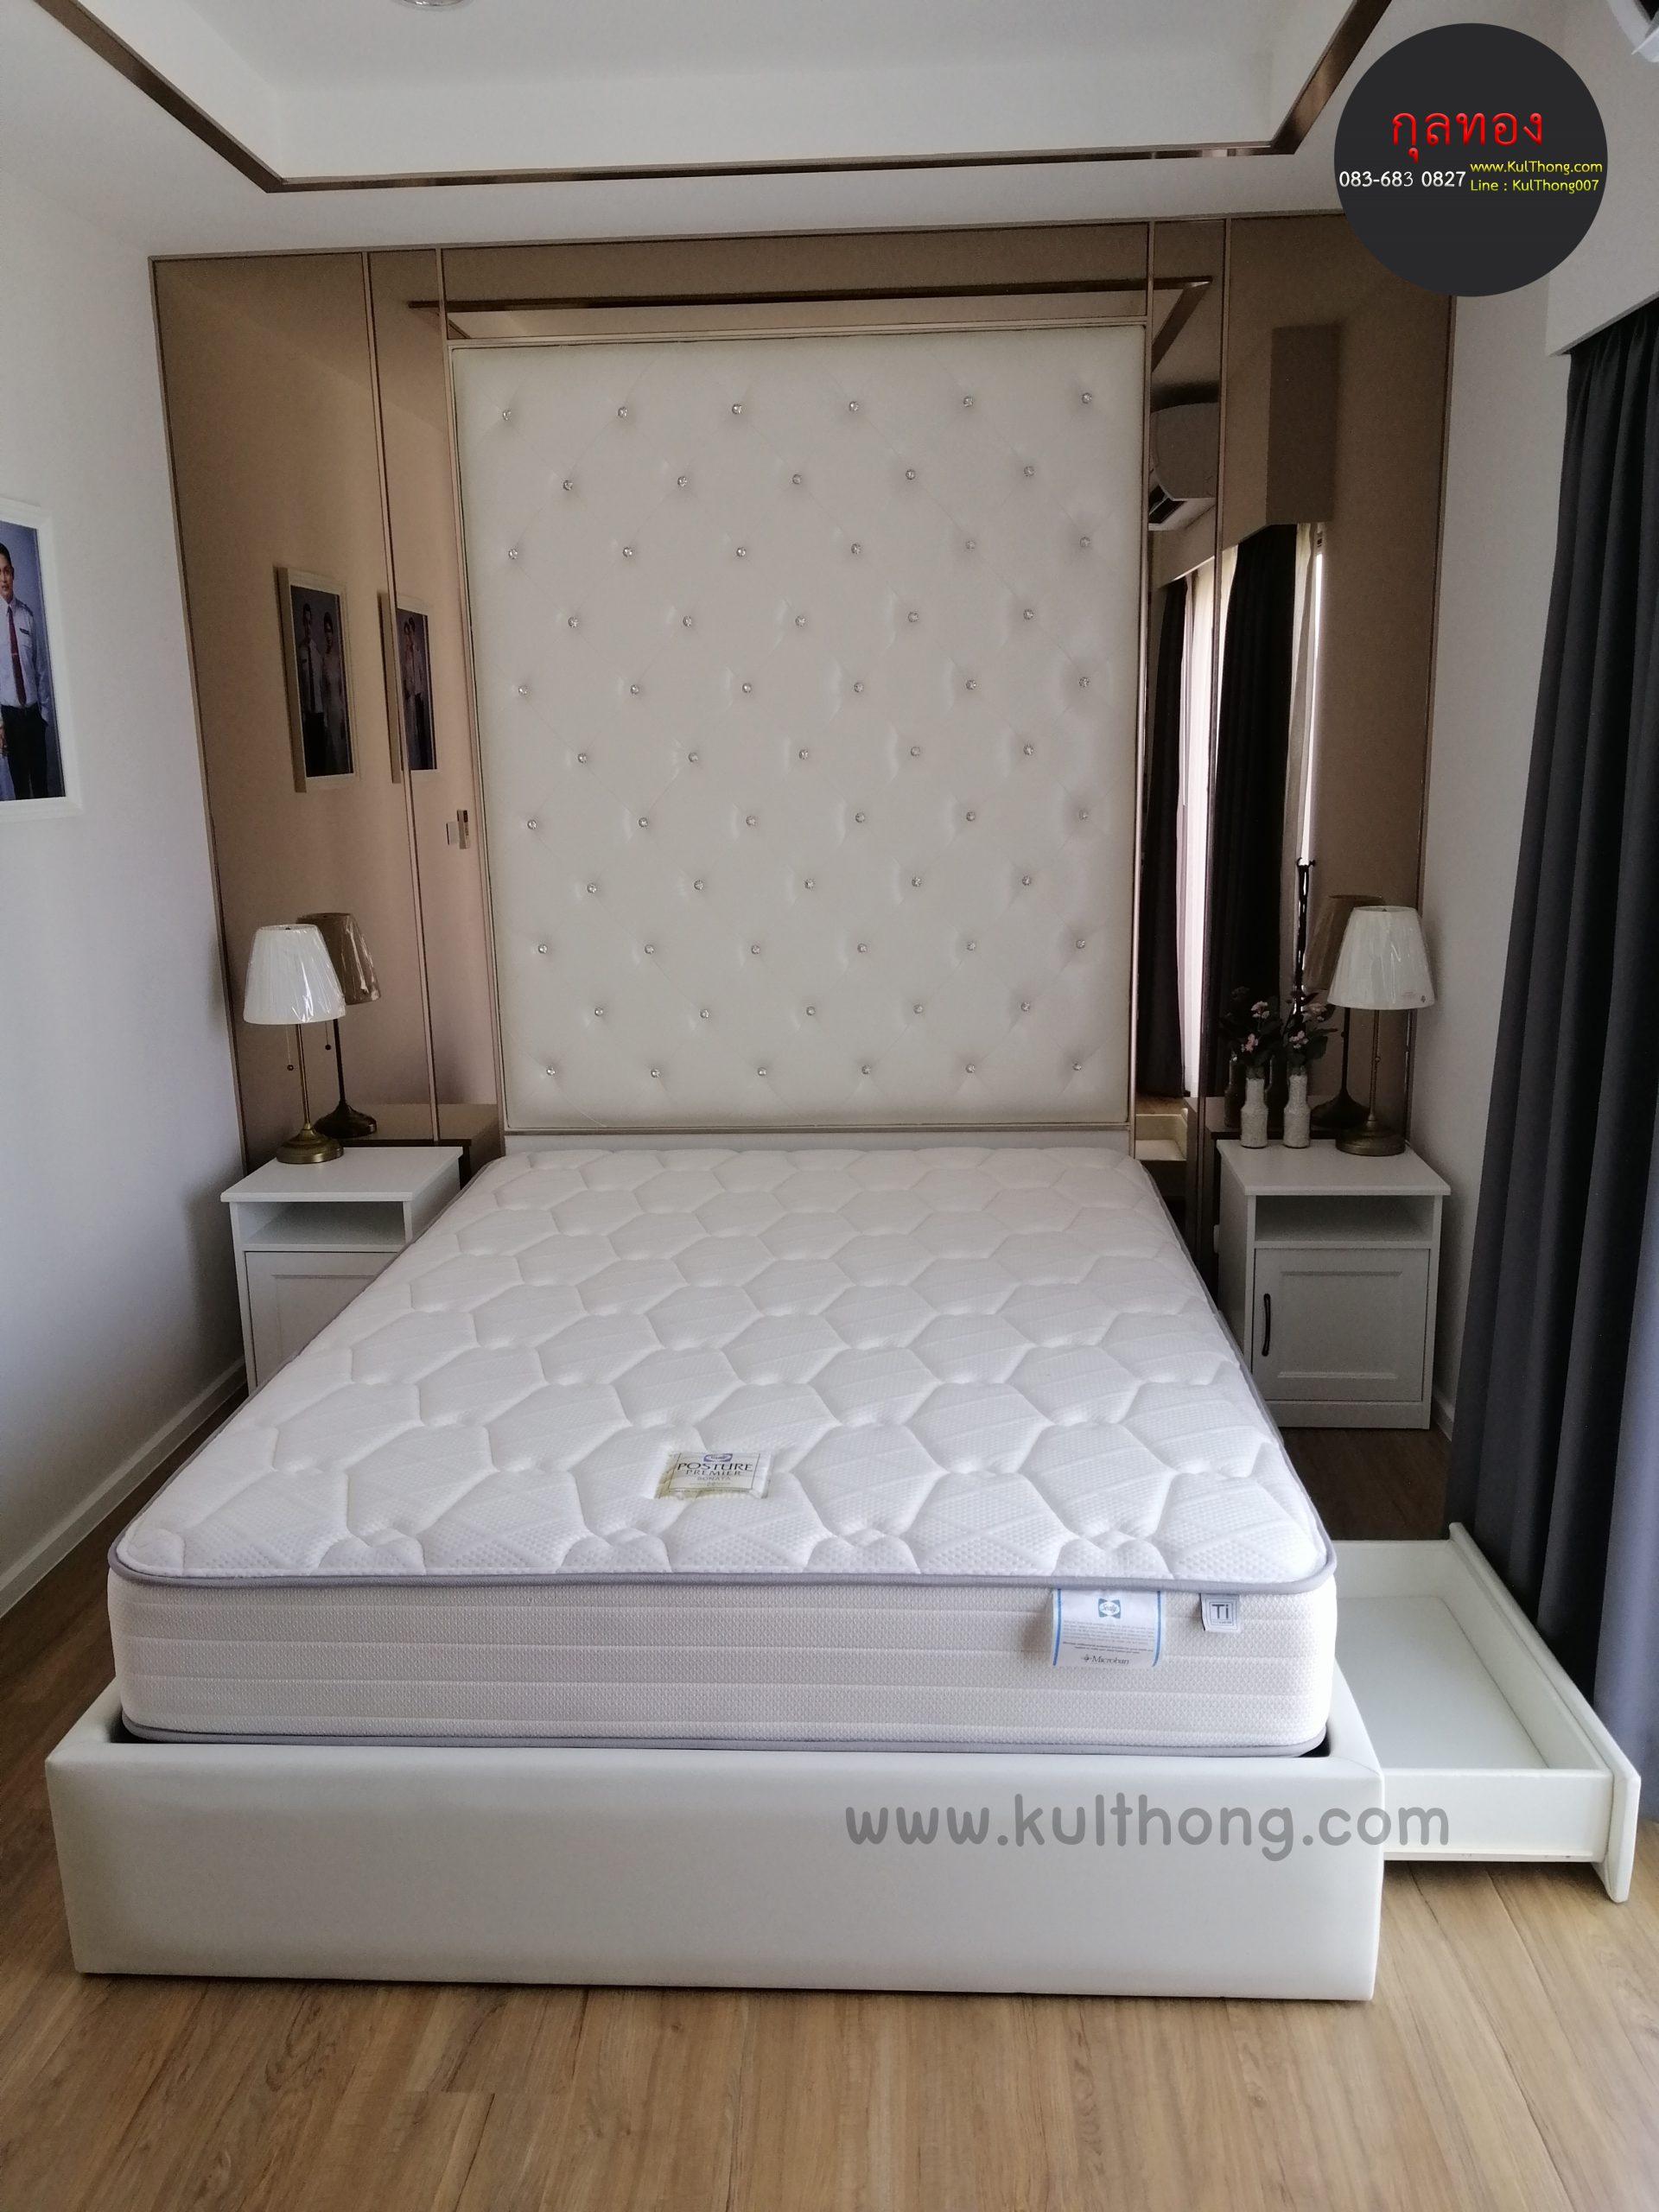 เตียงมีลิ้นชัก ฐานเตียงมีลิ้นชัก เตียงลิ้นชักไม่มีหัว